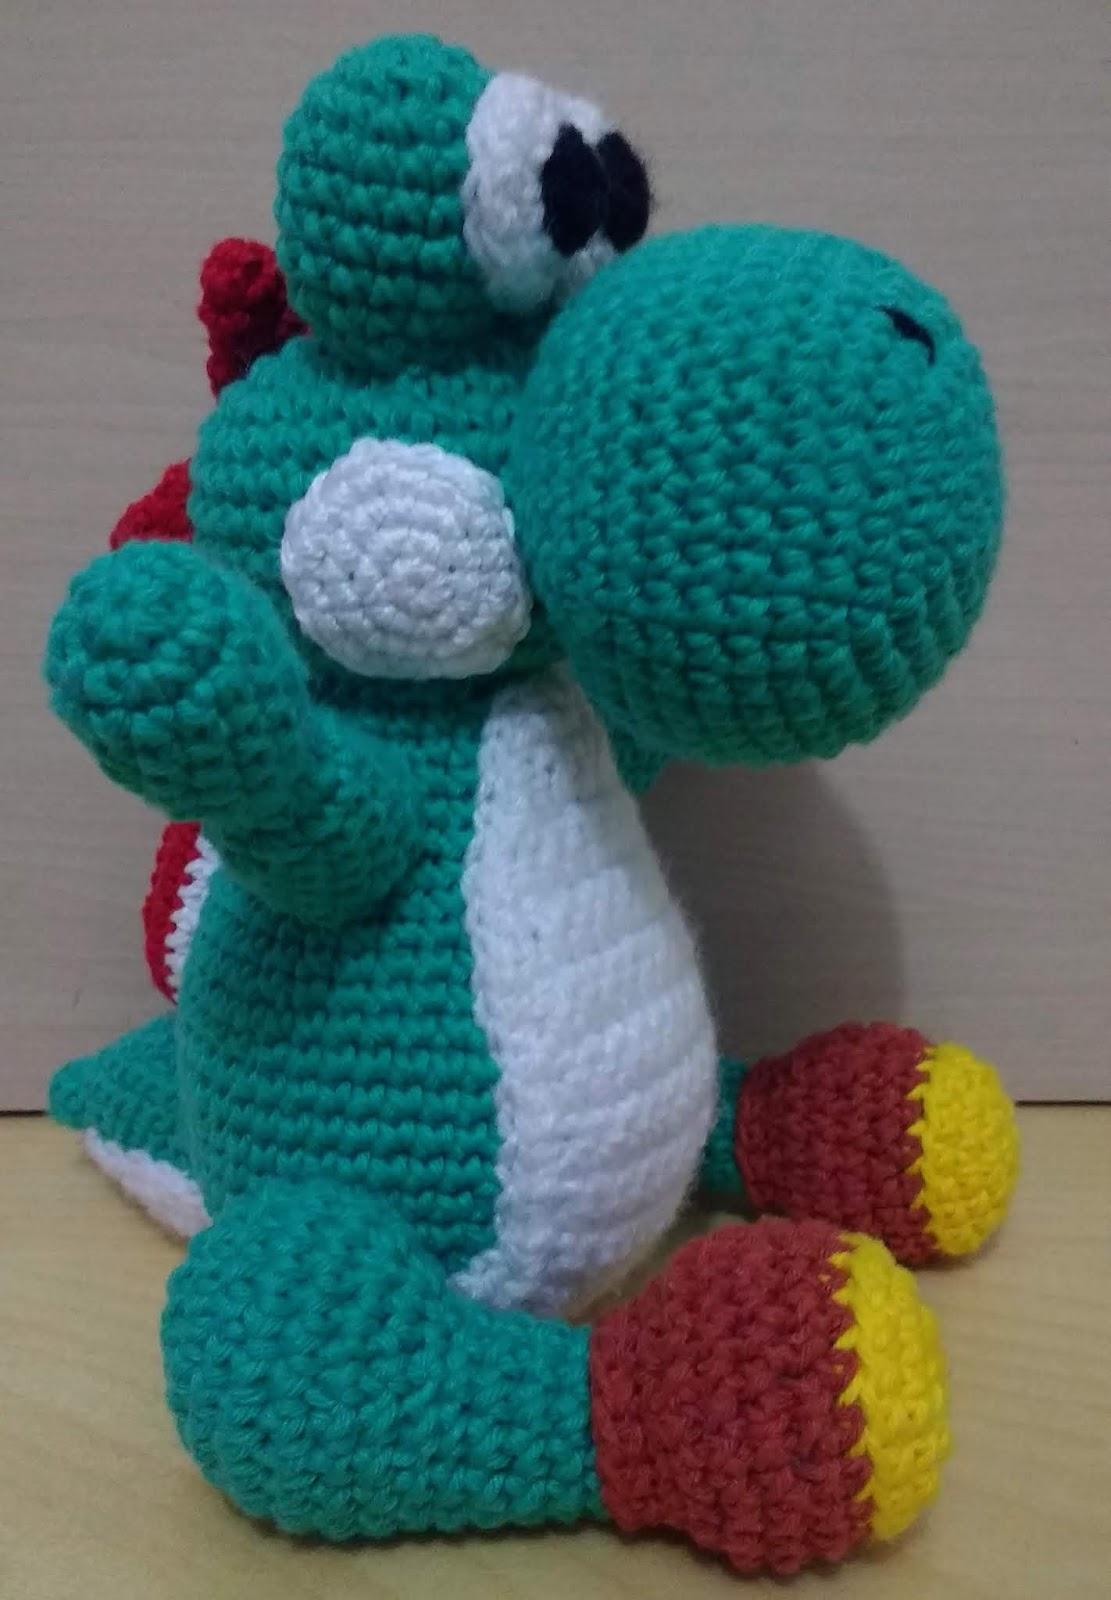 13 itens de crochê do Mario Bross - imagens e inspirações | Crochê ... | 1600x1111